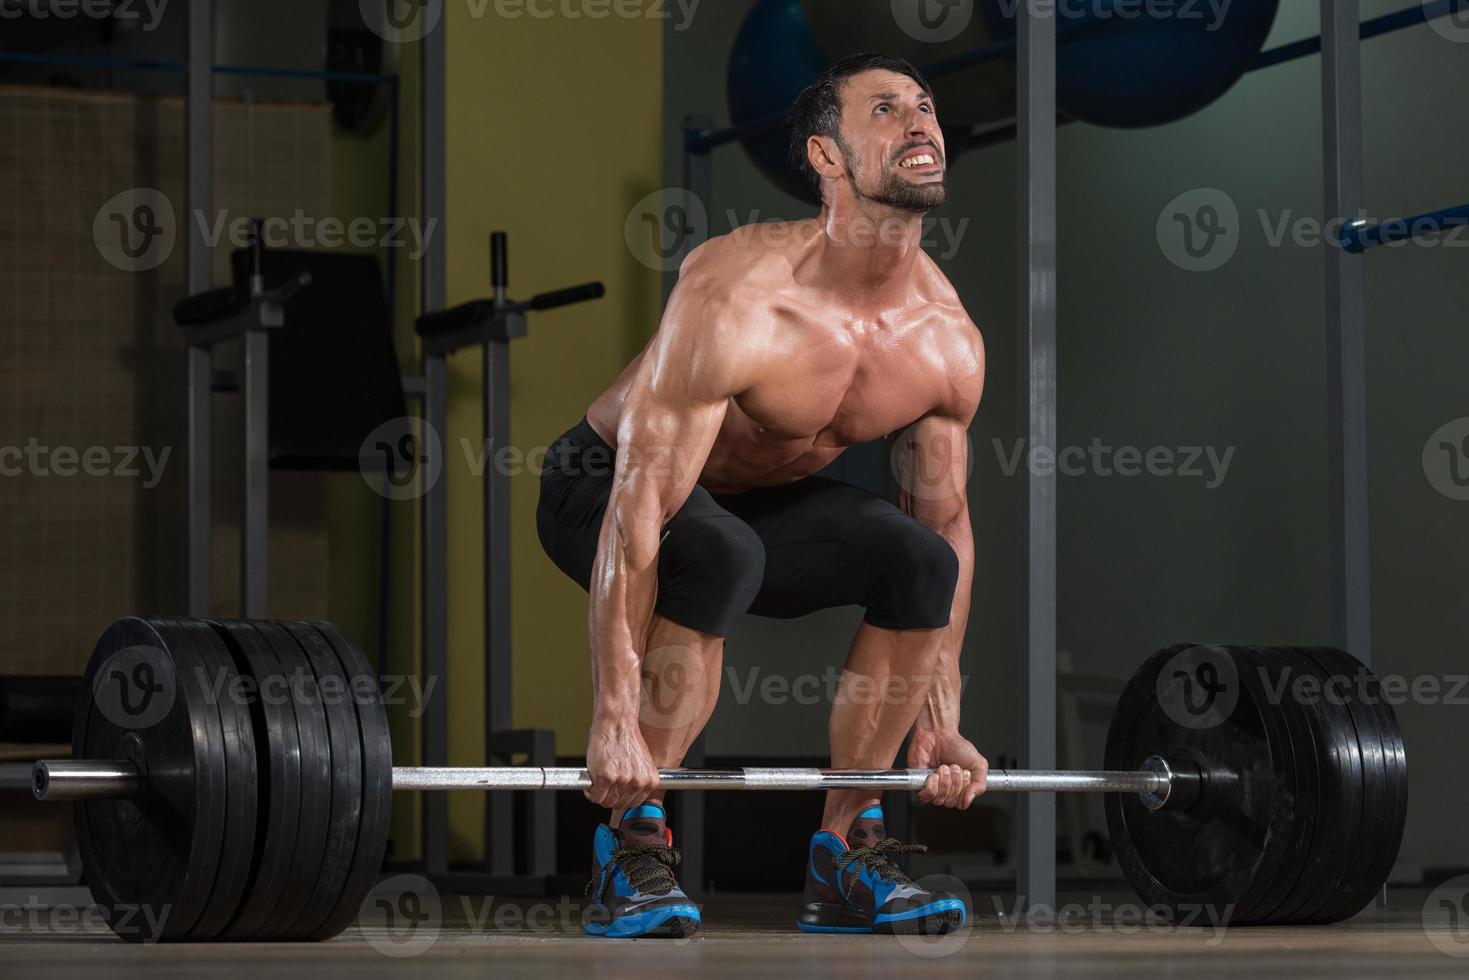 kroppsbyggare gör deadlift för rygg foto